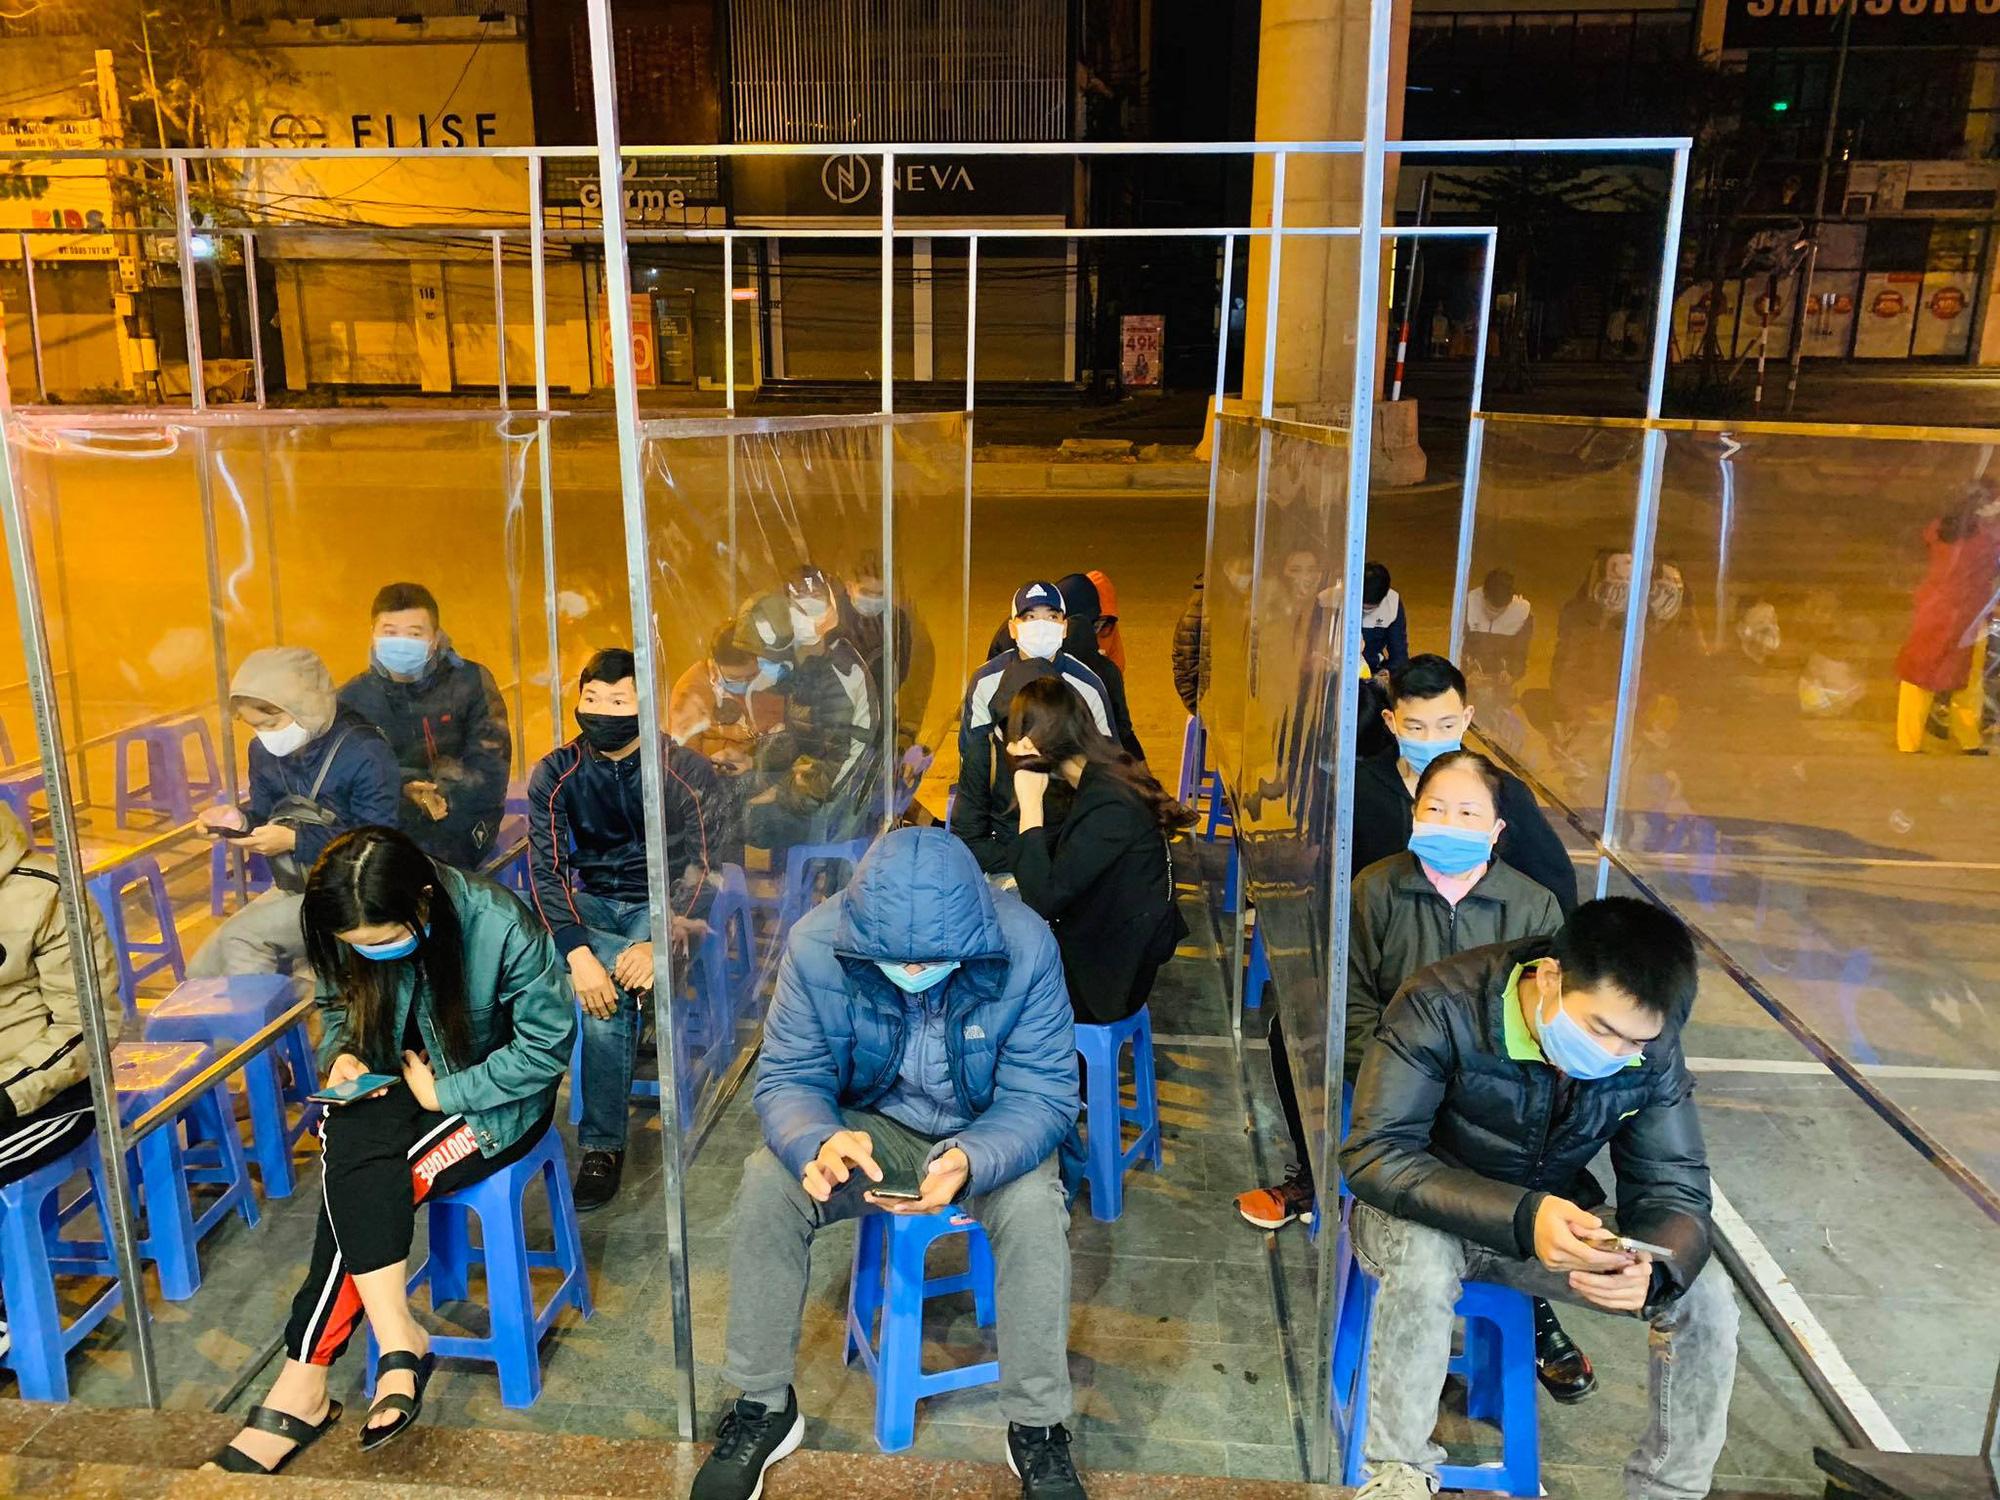 Ngày vía Thần Tài: Người dân đeo khẩu trang săn lộc, doanh nghiệp lắp vách ngăn trên đường cho khách mua vàng - Ảnh 1.